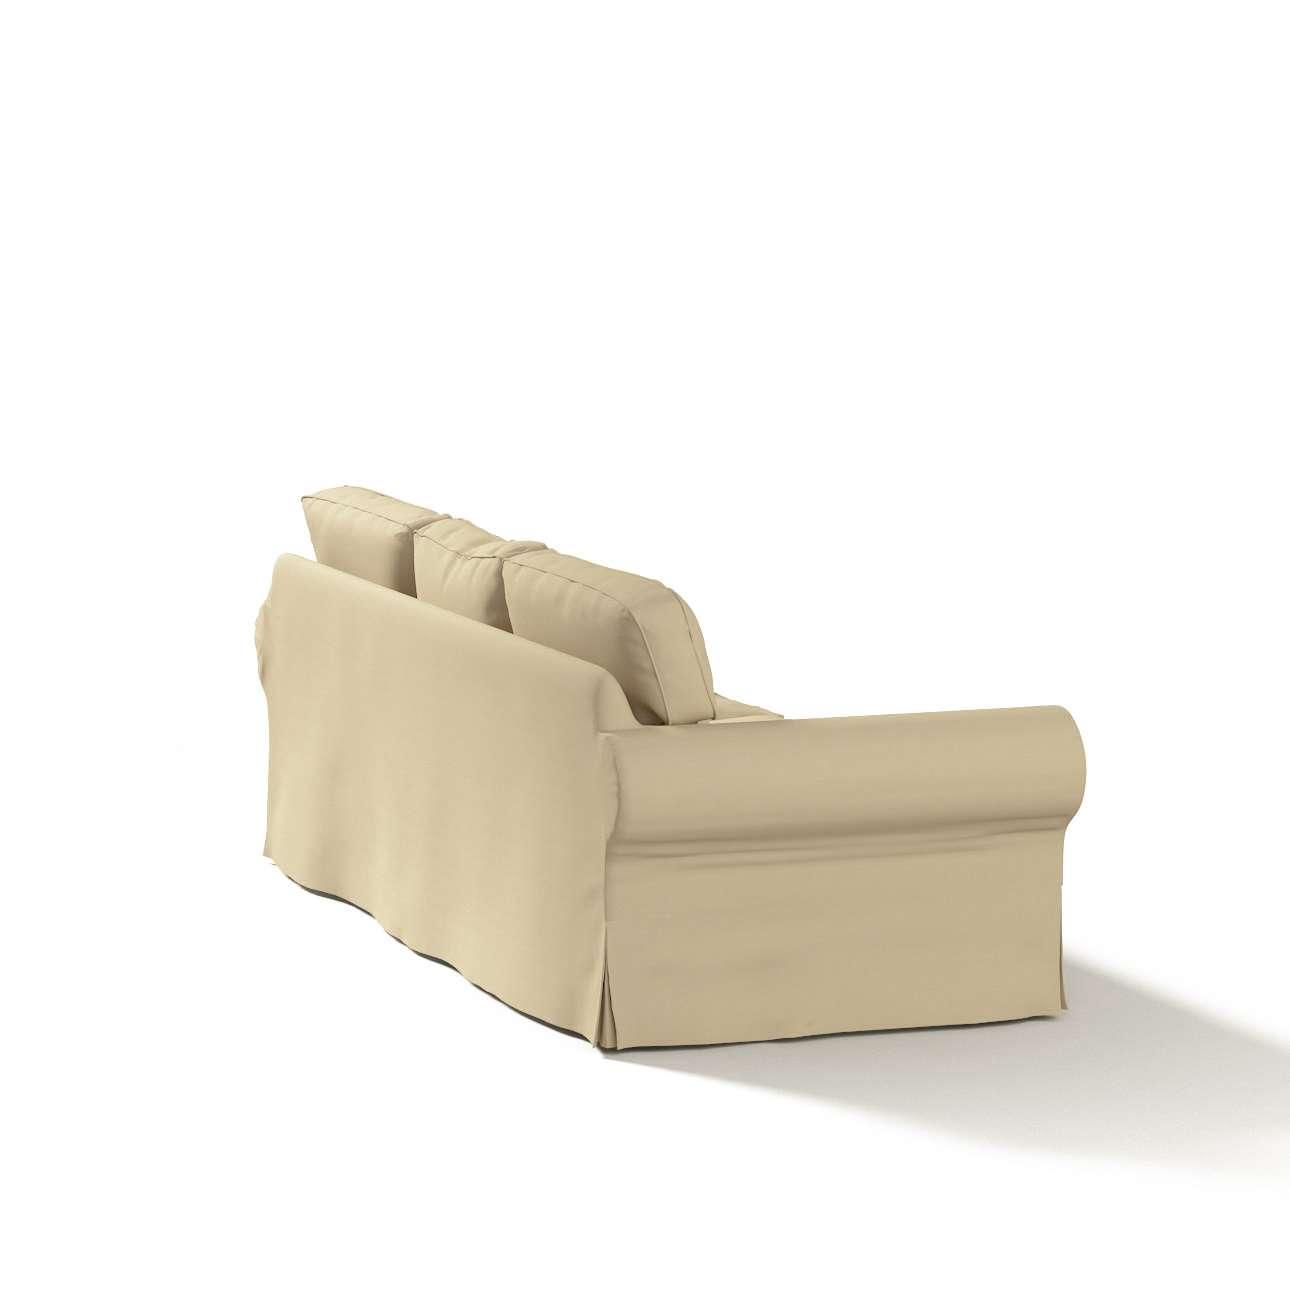 Potah na pohovku IKEA  Ektorp 3-místná, nerozkládací pohovka Ektorp 3-místná v kolekci Cotton Panama, látka: 702-01